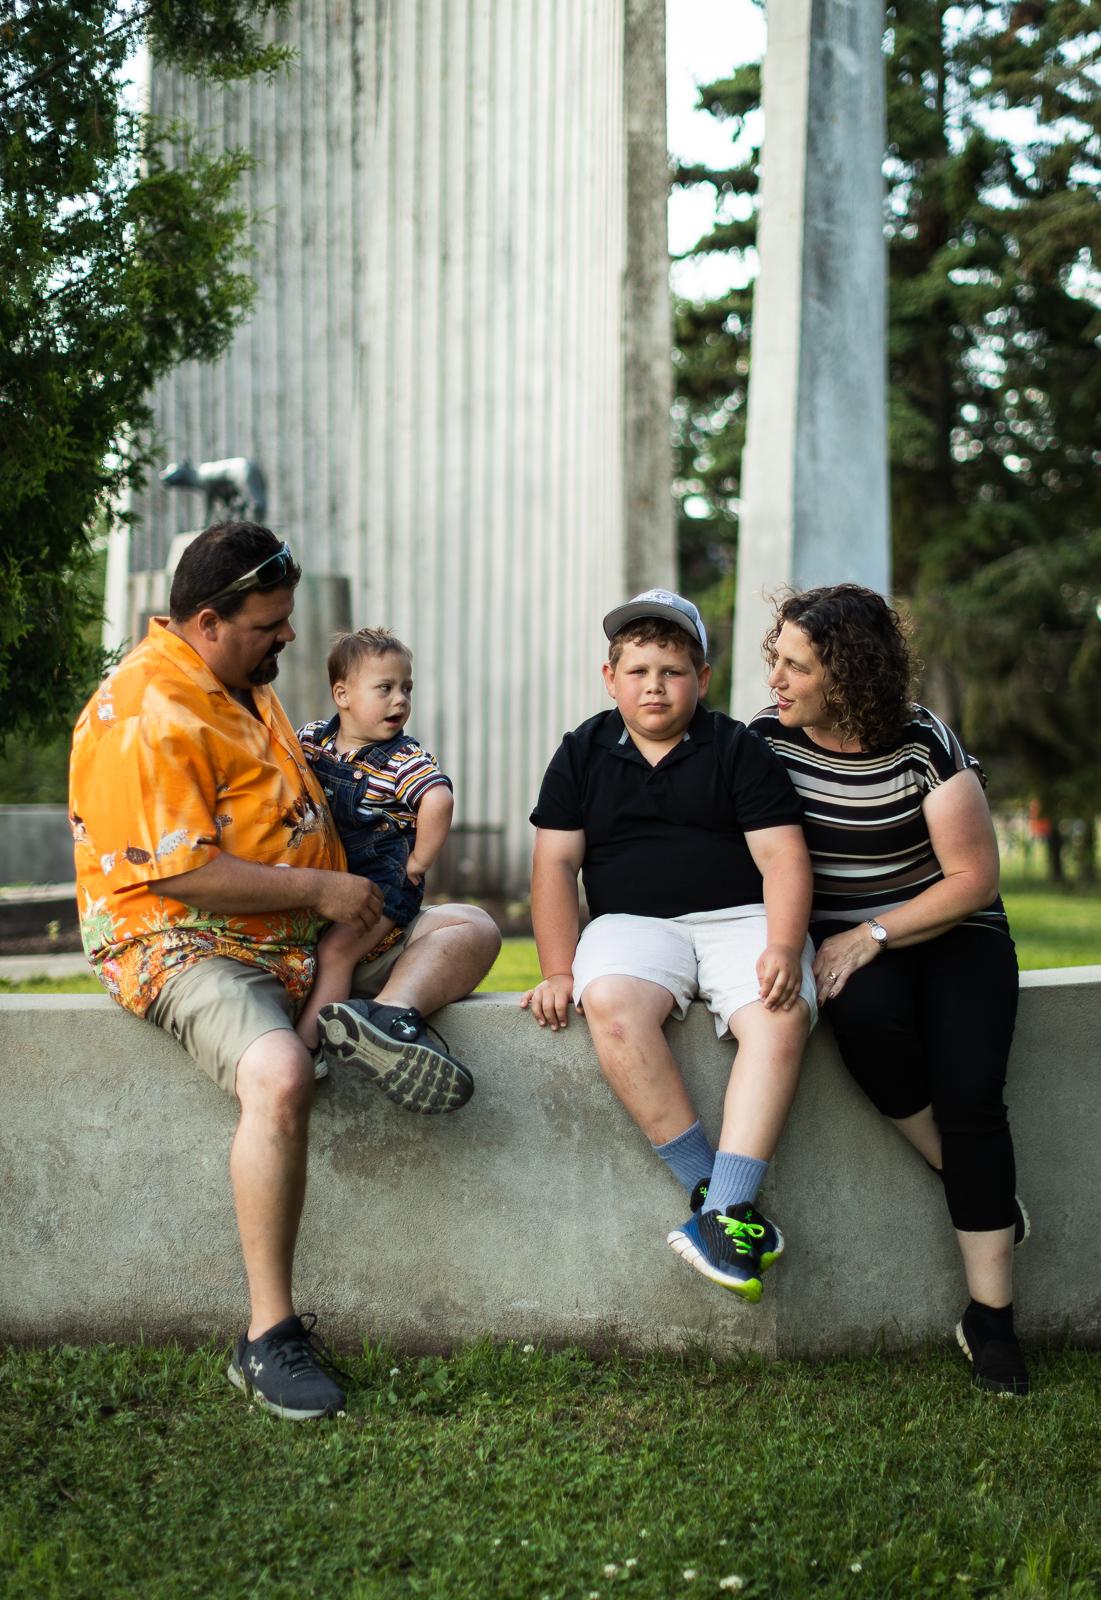 andre-danielle-family-portraits-blog-19.jpg